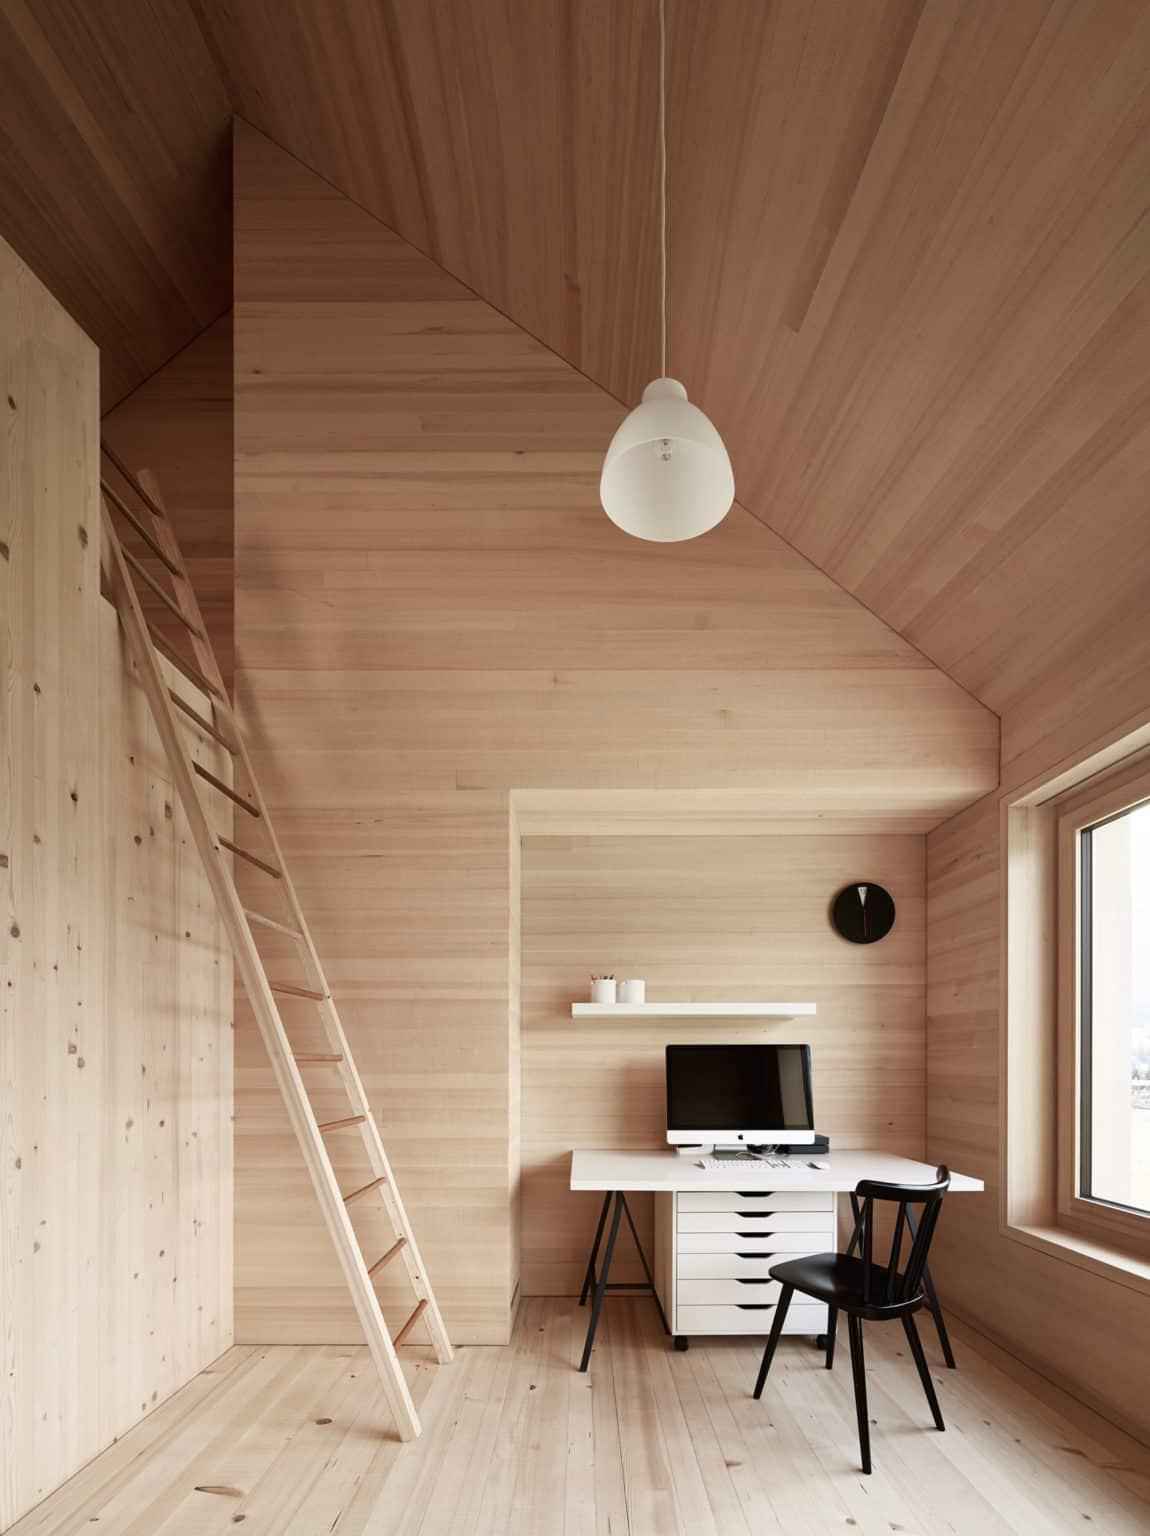 Haus für Julia und Björn by Innauer-Matt Architekten (10)